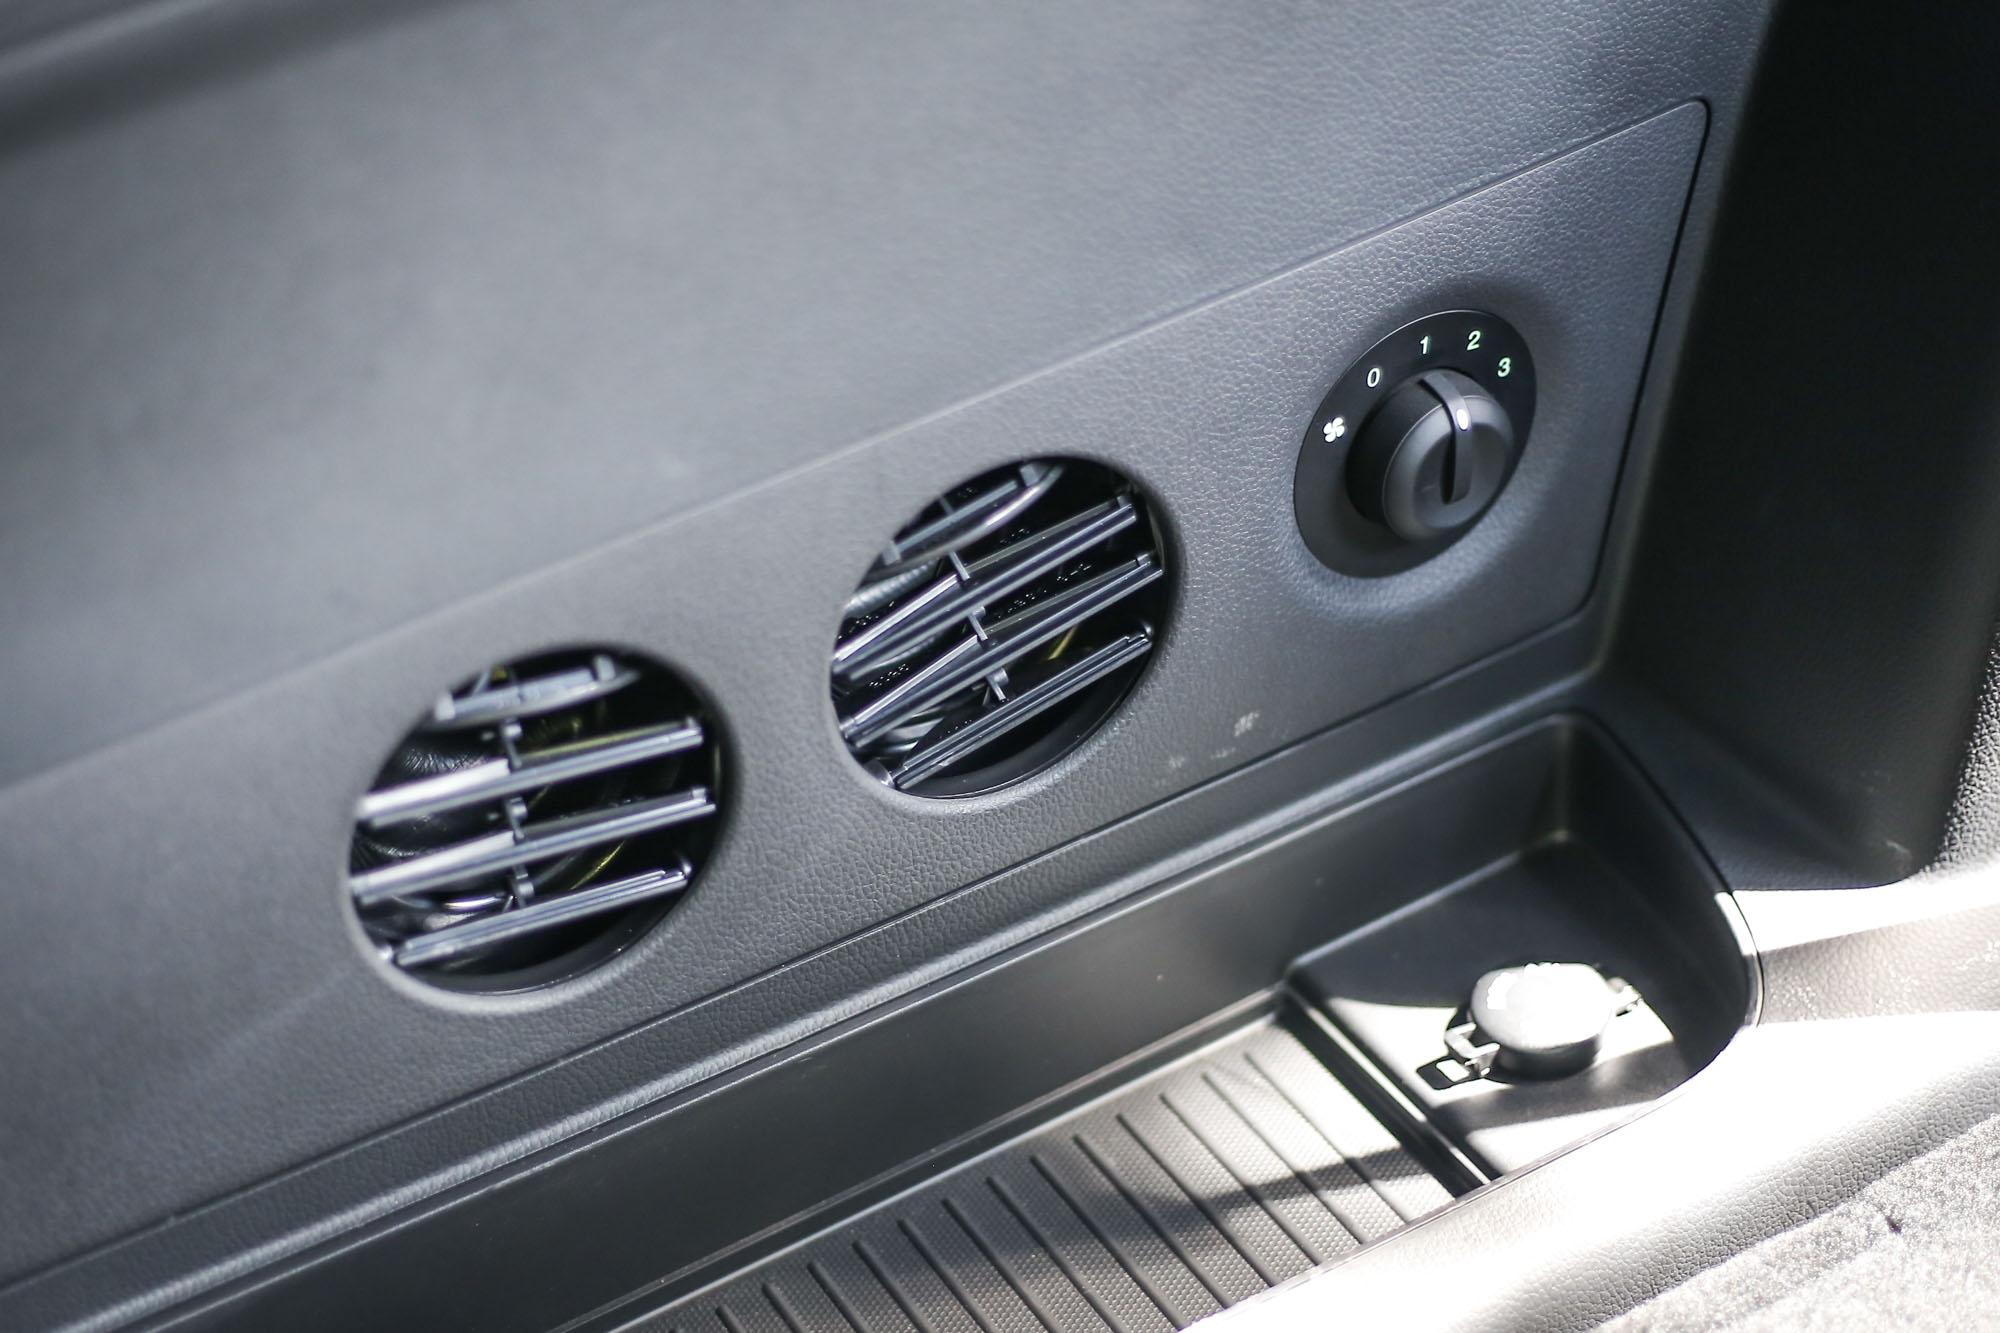 第三排也有空調出風口,增加乘坐舒適度。